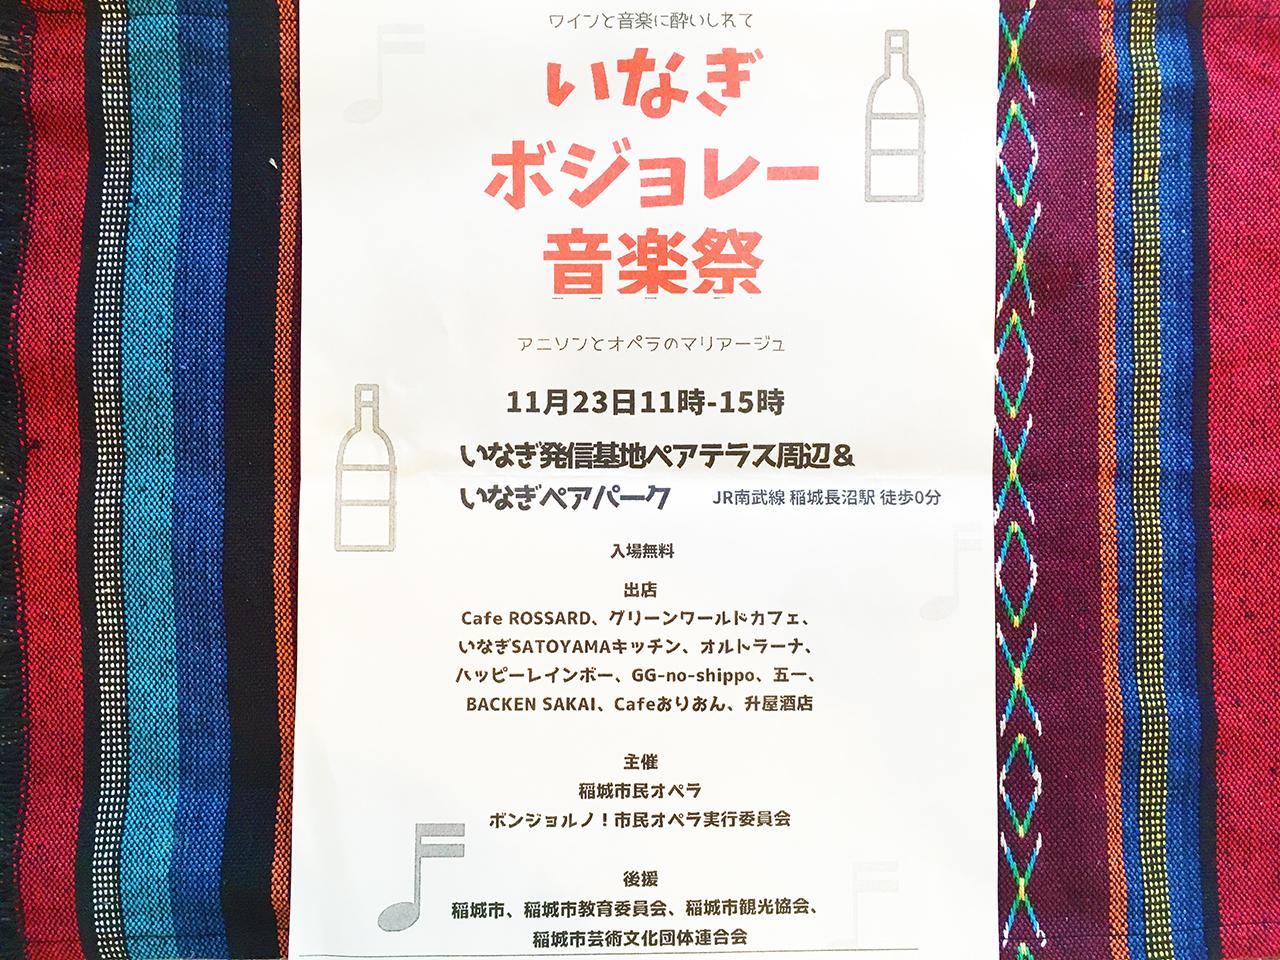 ボジョレー音楽祭